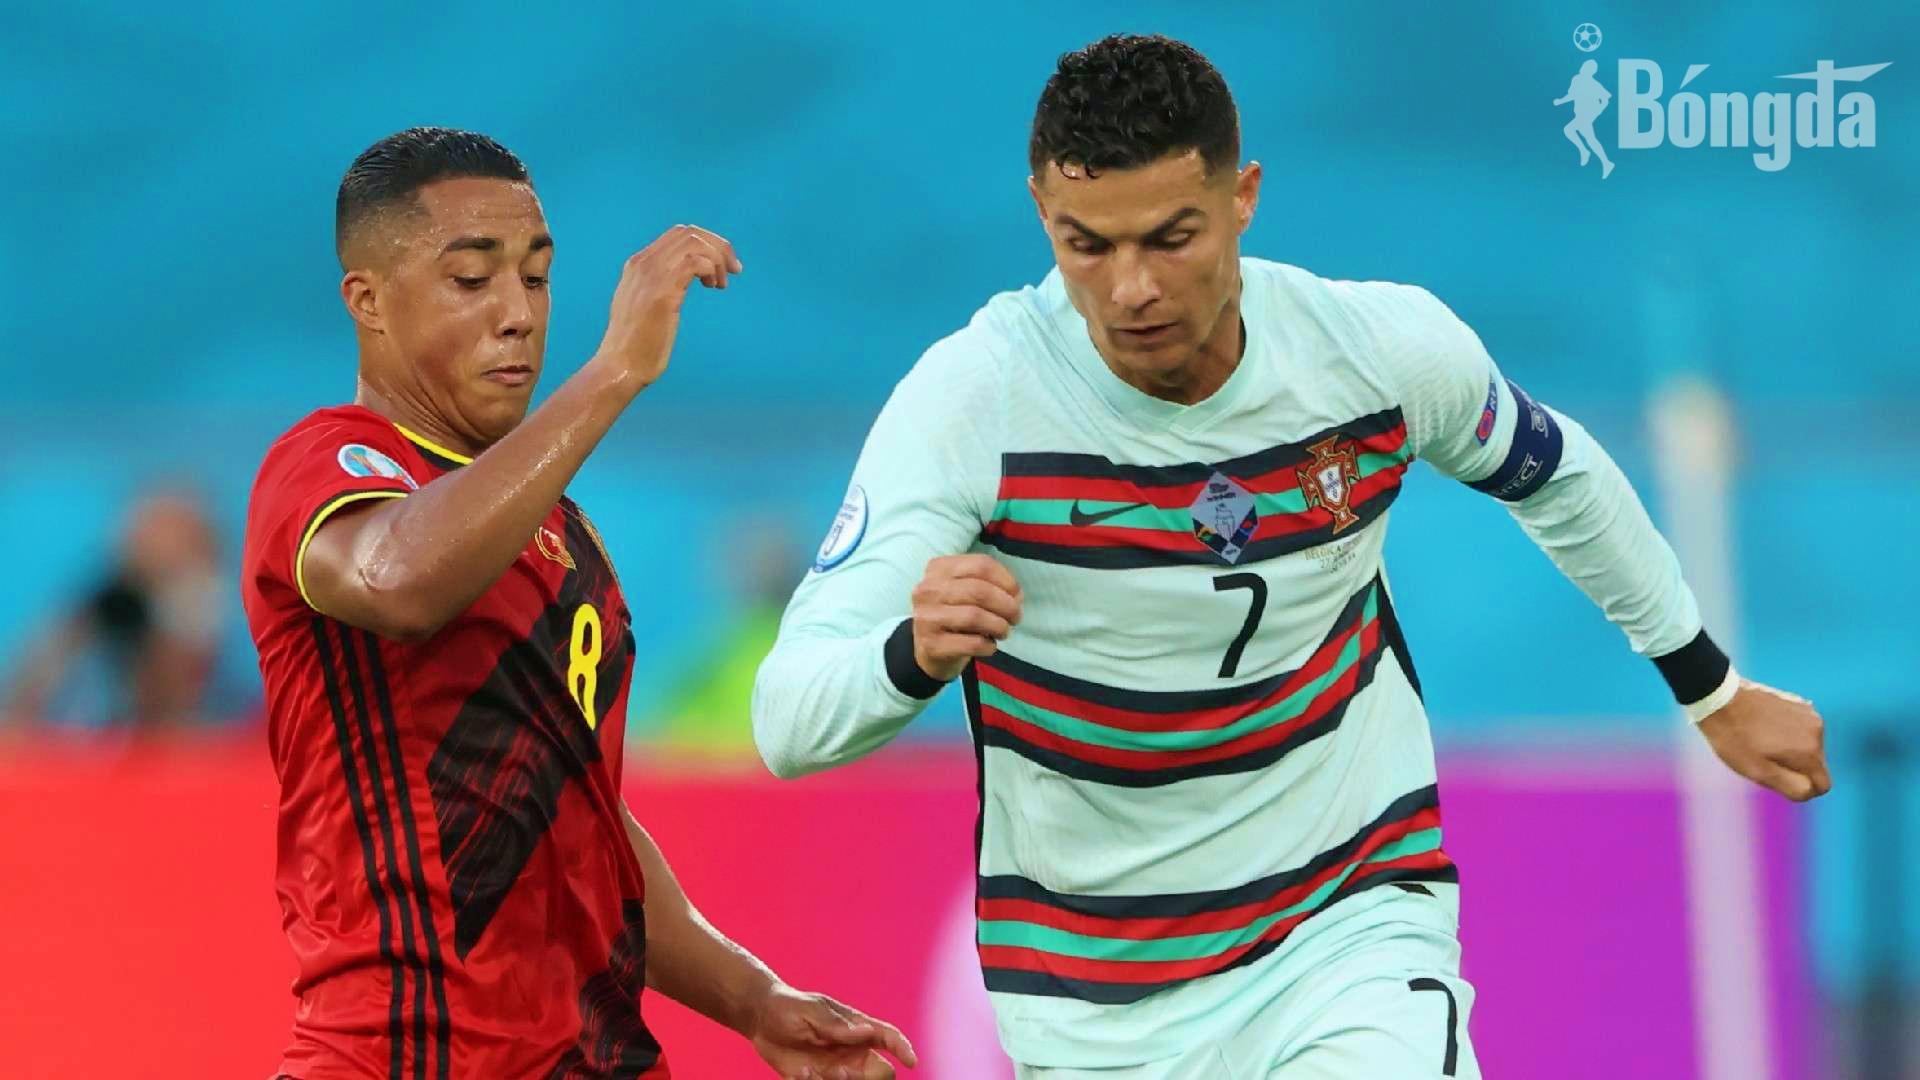 """EURO 2020: Ronaldo """"nổi điên"""" rời giải với hình ảnh xấu xí sau thất bại 0-1 trước Bỉ"""